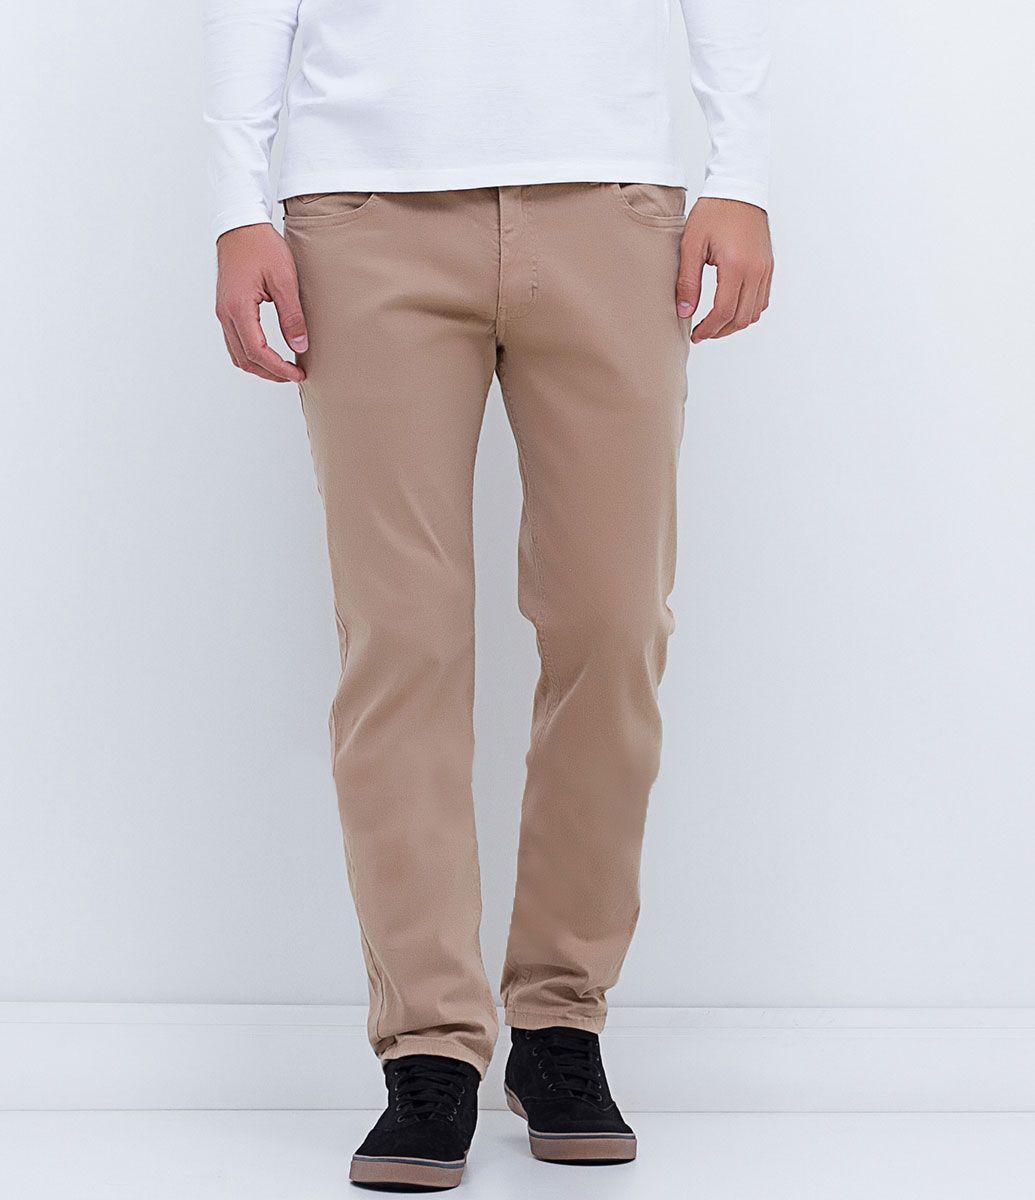 ec4689392 Calça masculina Modelo super skinny Bolsos frontais arredondados Marca   Blue Steel Tecido  Sarja Composição